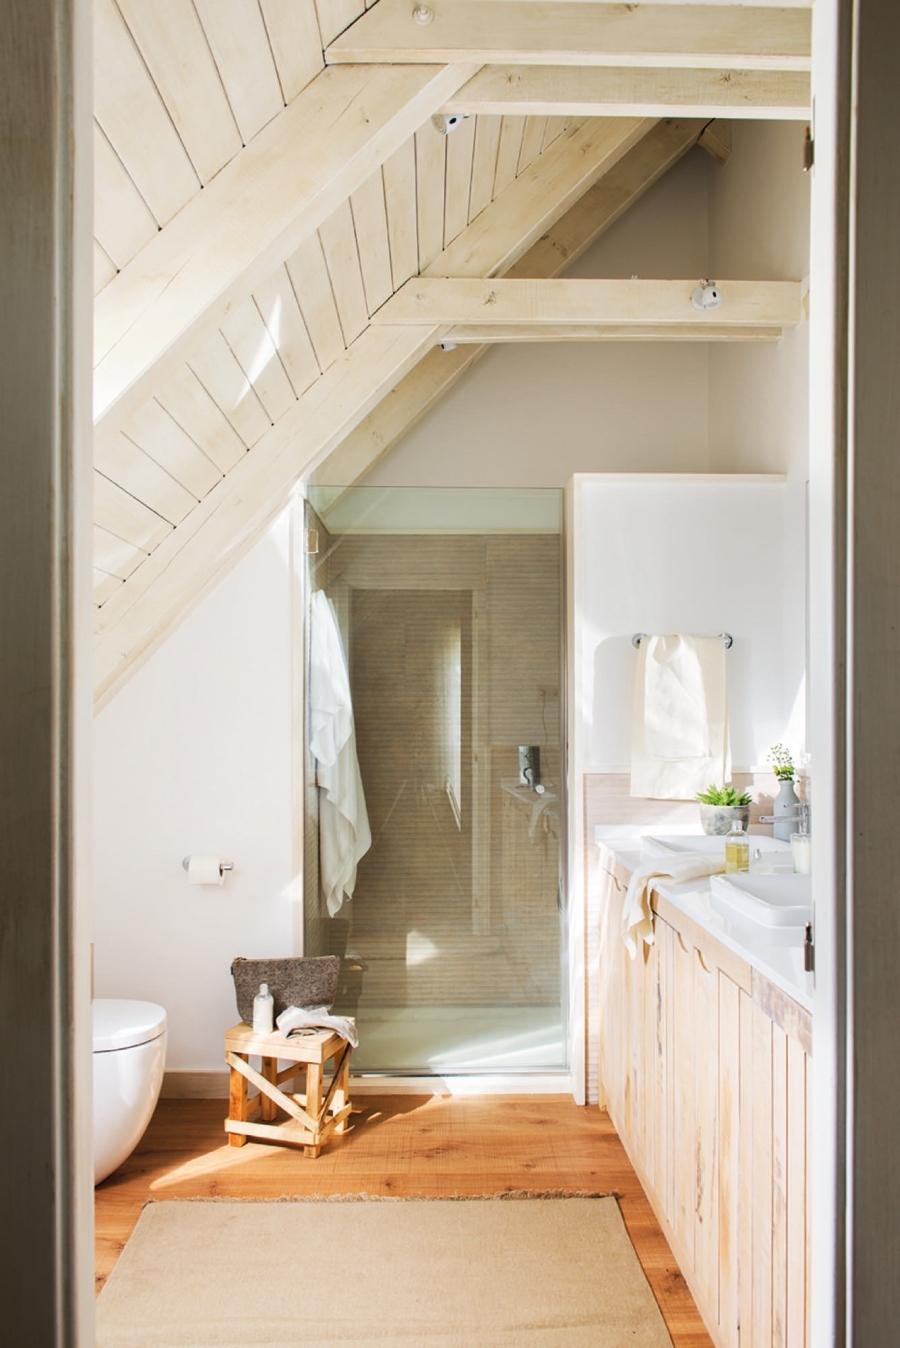 Naturalne dodatki i skandynawska prostota - wystrój wnętrz, wnętrza, urządzanie mieszkania, dom, home decor, dekoracje, aranżacje, styl skandynawski, naturalne dodatki, drewno, żółty, musztardowy, salon, kuchnia, sypialnia, otwarta przestrzeń, dom drewniany, białe wnętrza